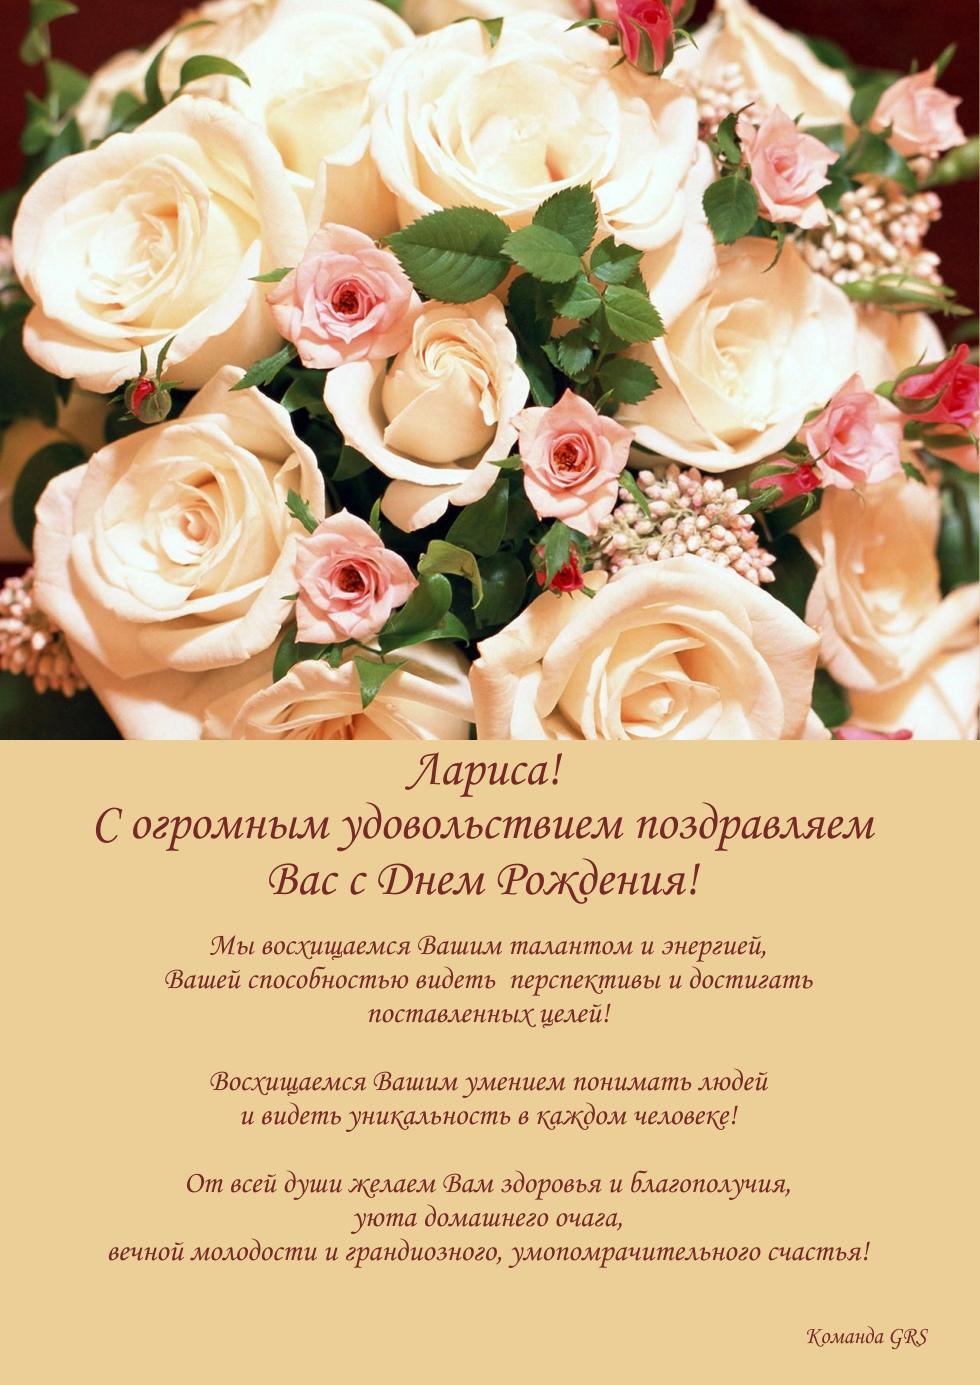 Поздравления с днем рождения партнеру женщине в прозе